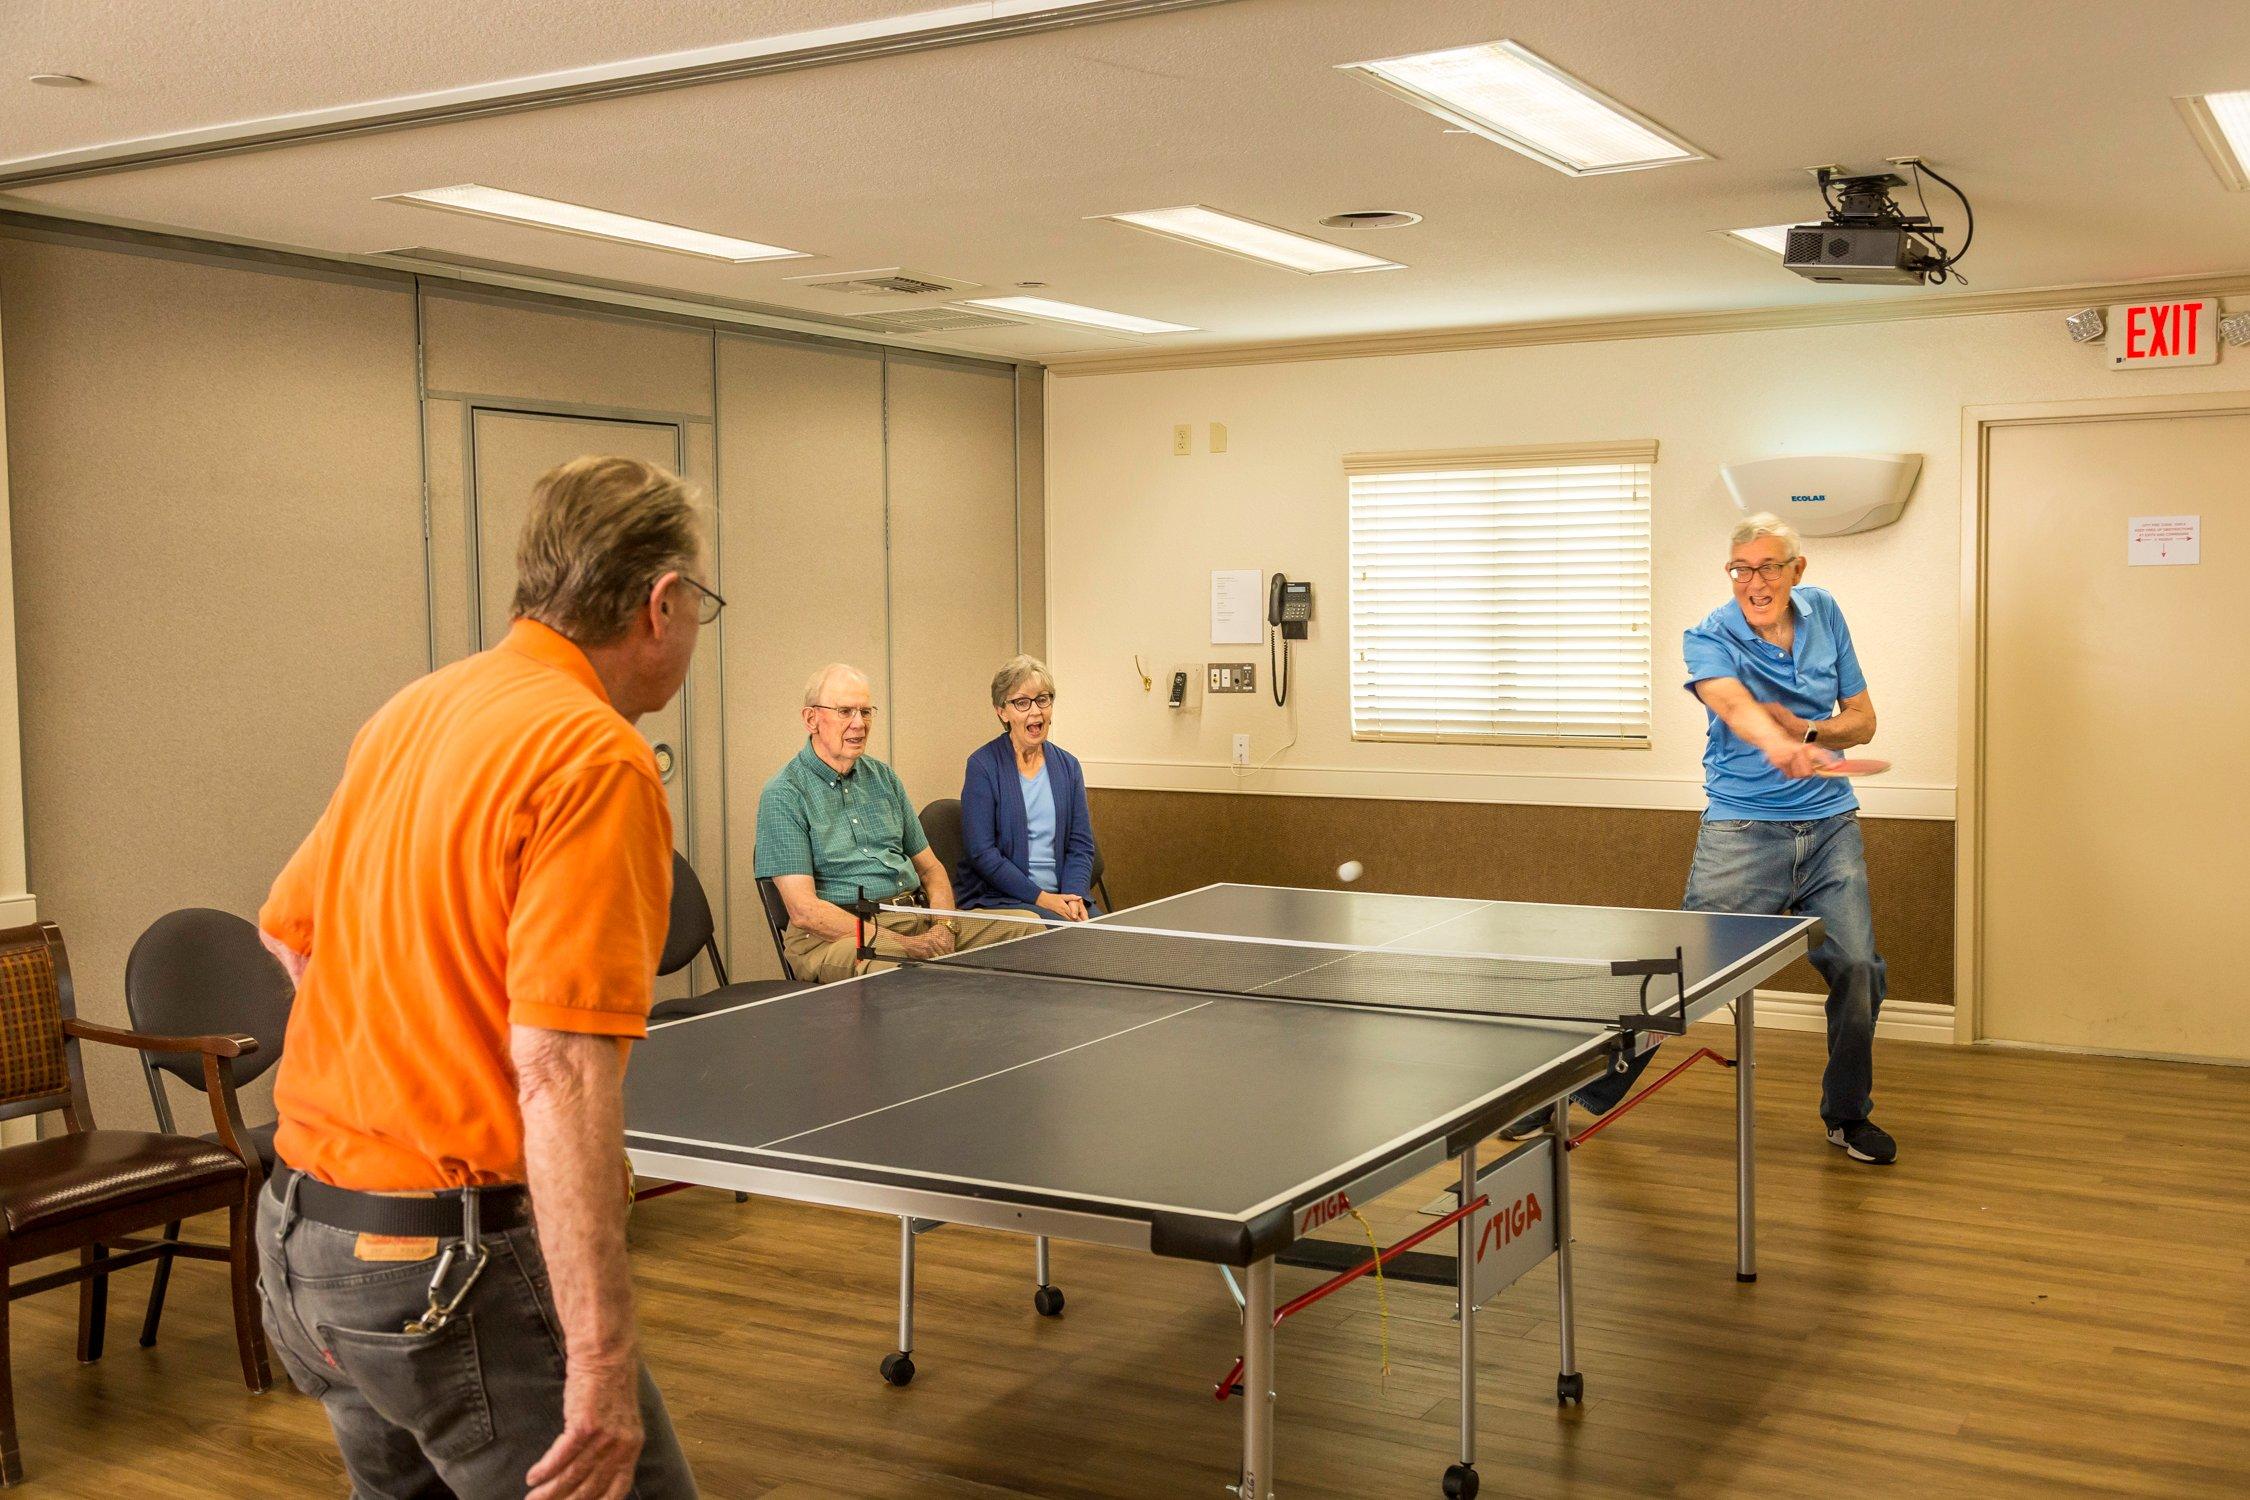 guys playing ping pong